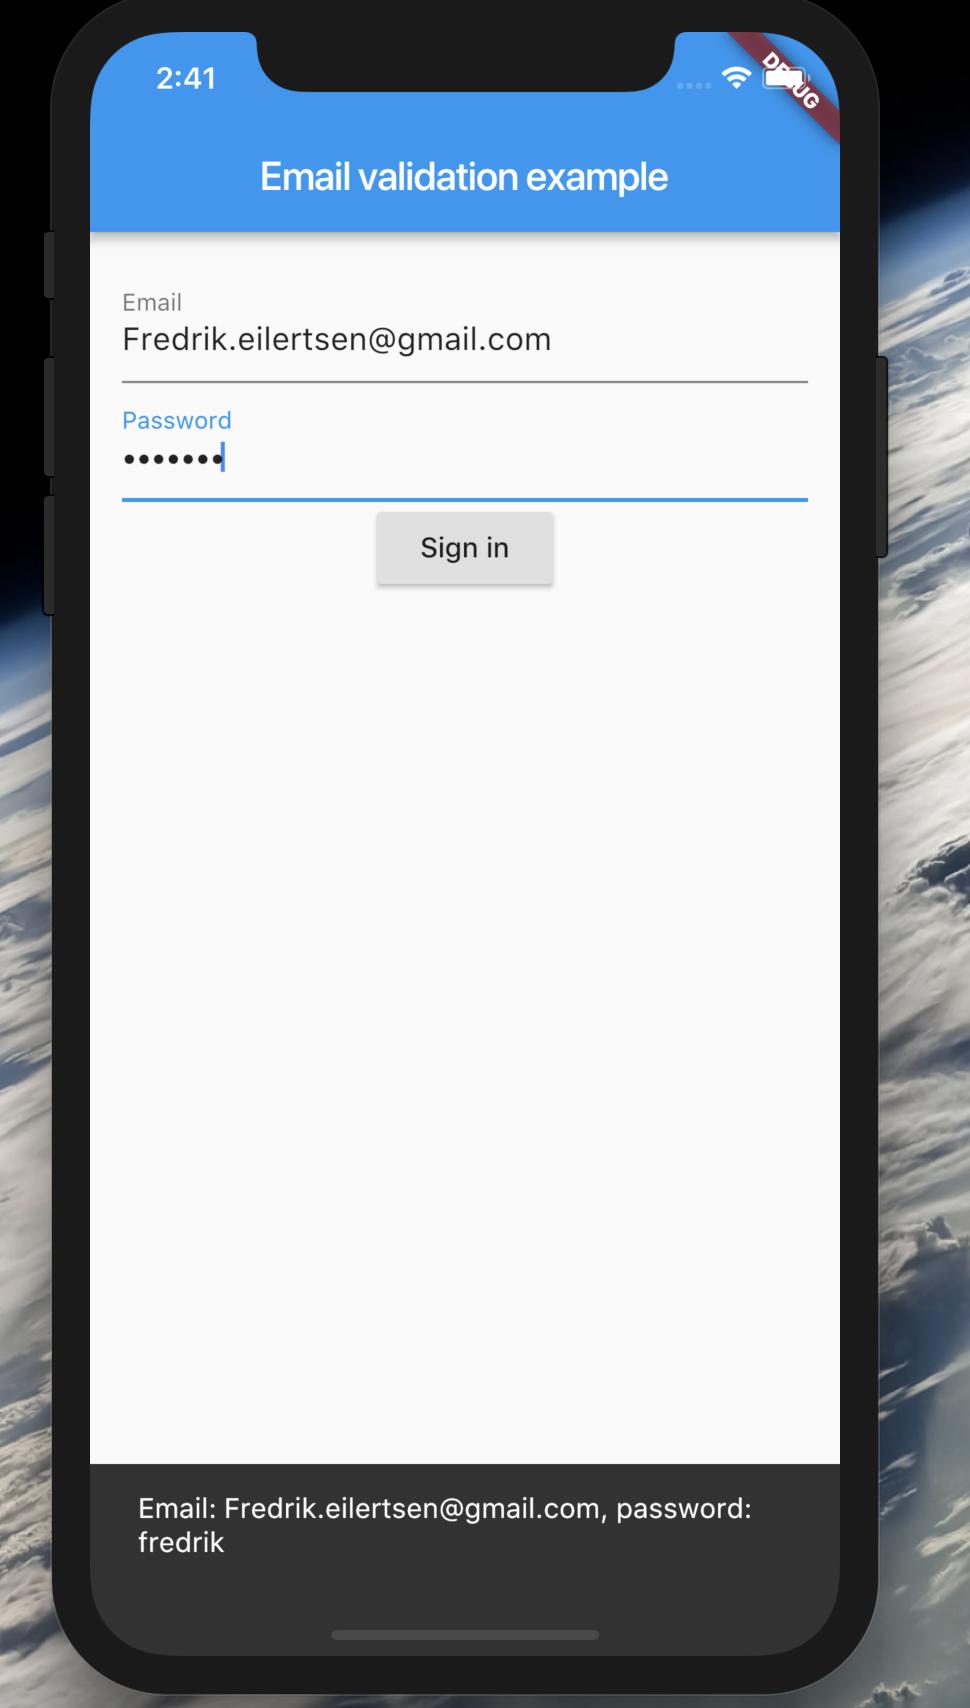 GitHub - fredeil/flutter-email-validator: Sample Flutter app